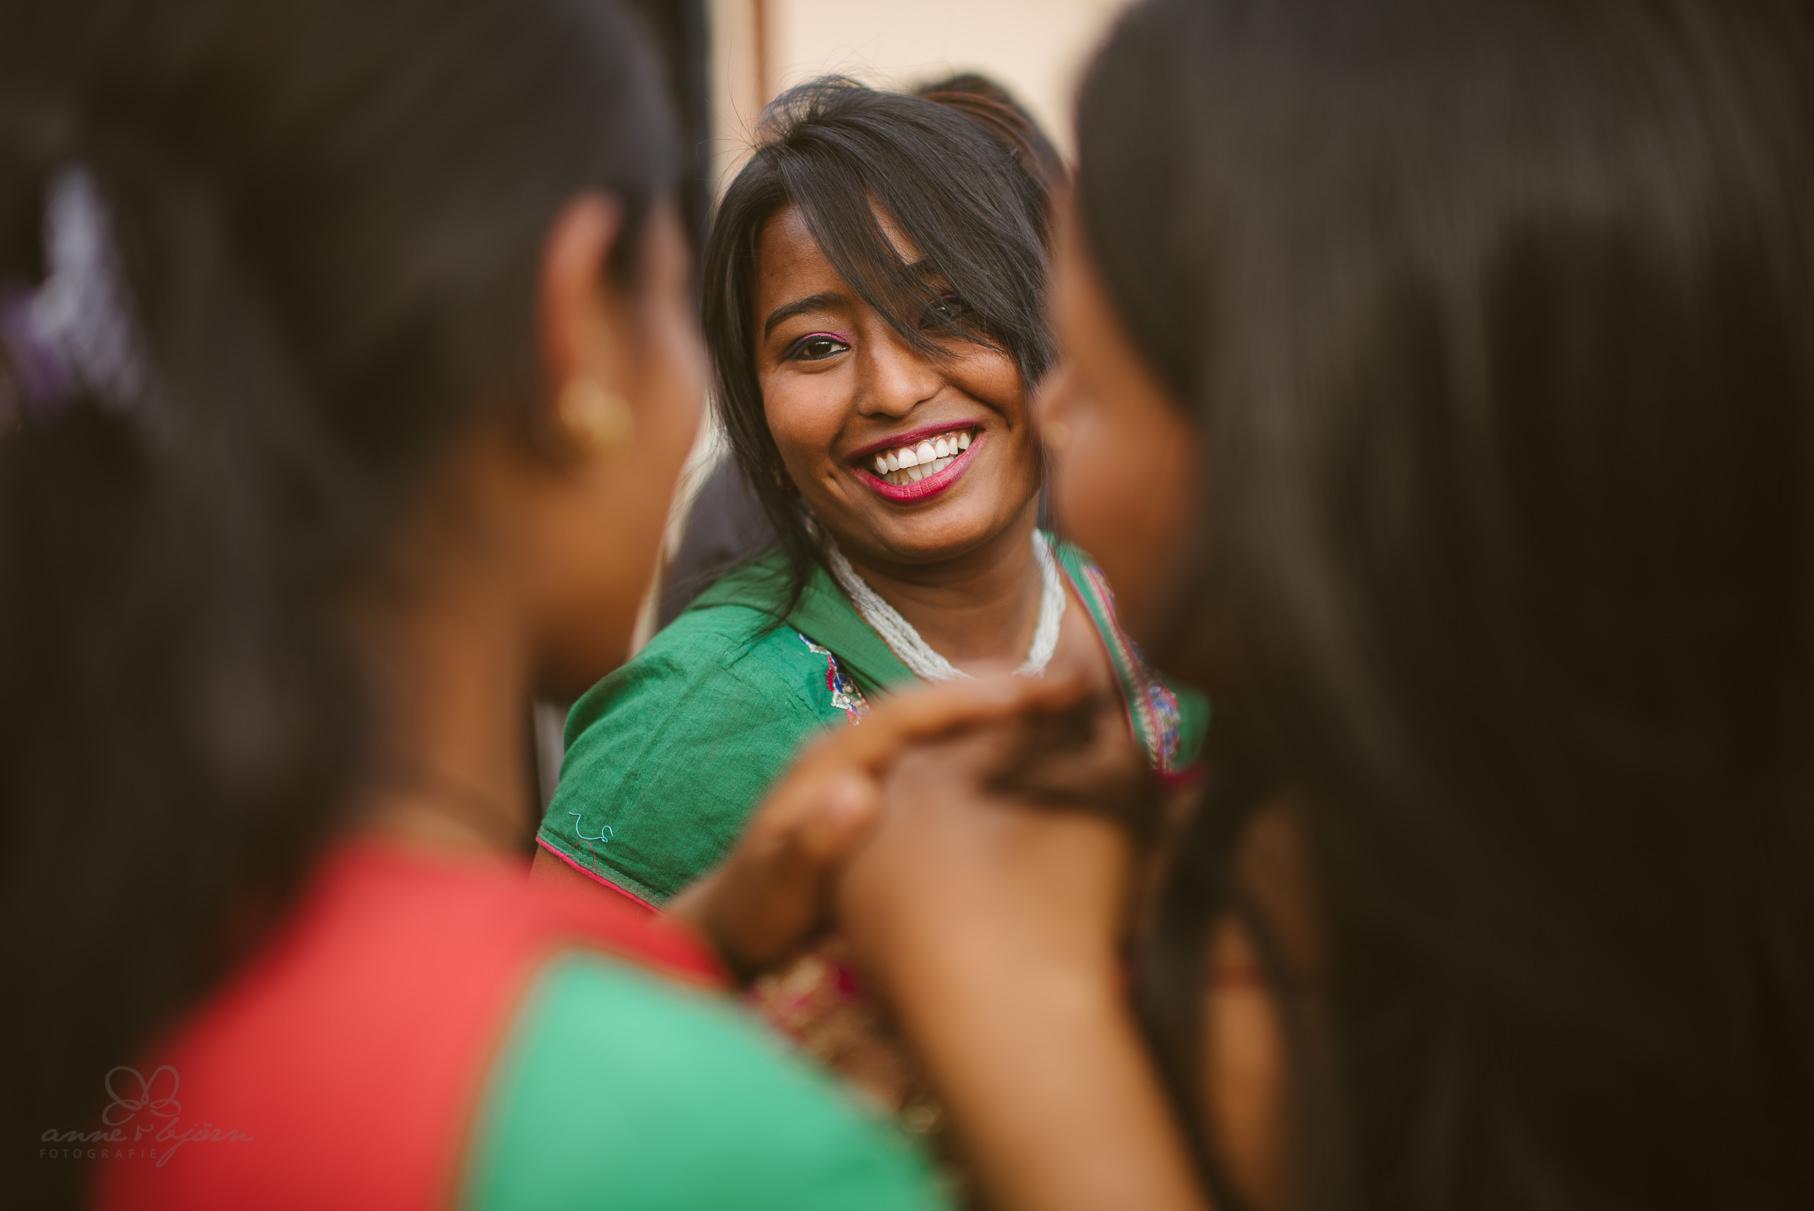 0035 anne und bjoern chitwan nationalpark nepal d75 3849 2 - Nepal Teil 3 - Roadtrip, Chitwan Nationalpark und eine spontane Hochzeit